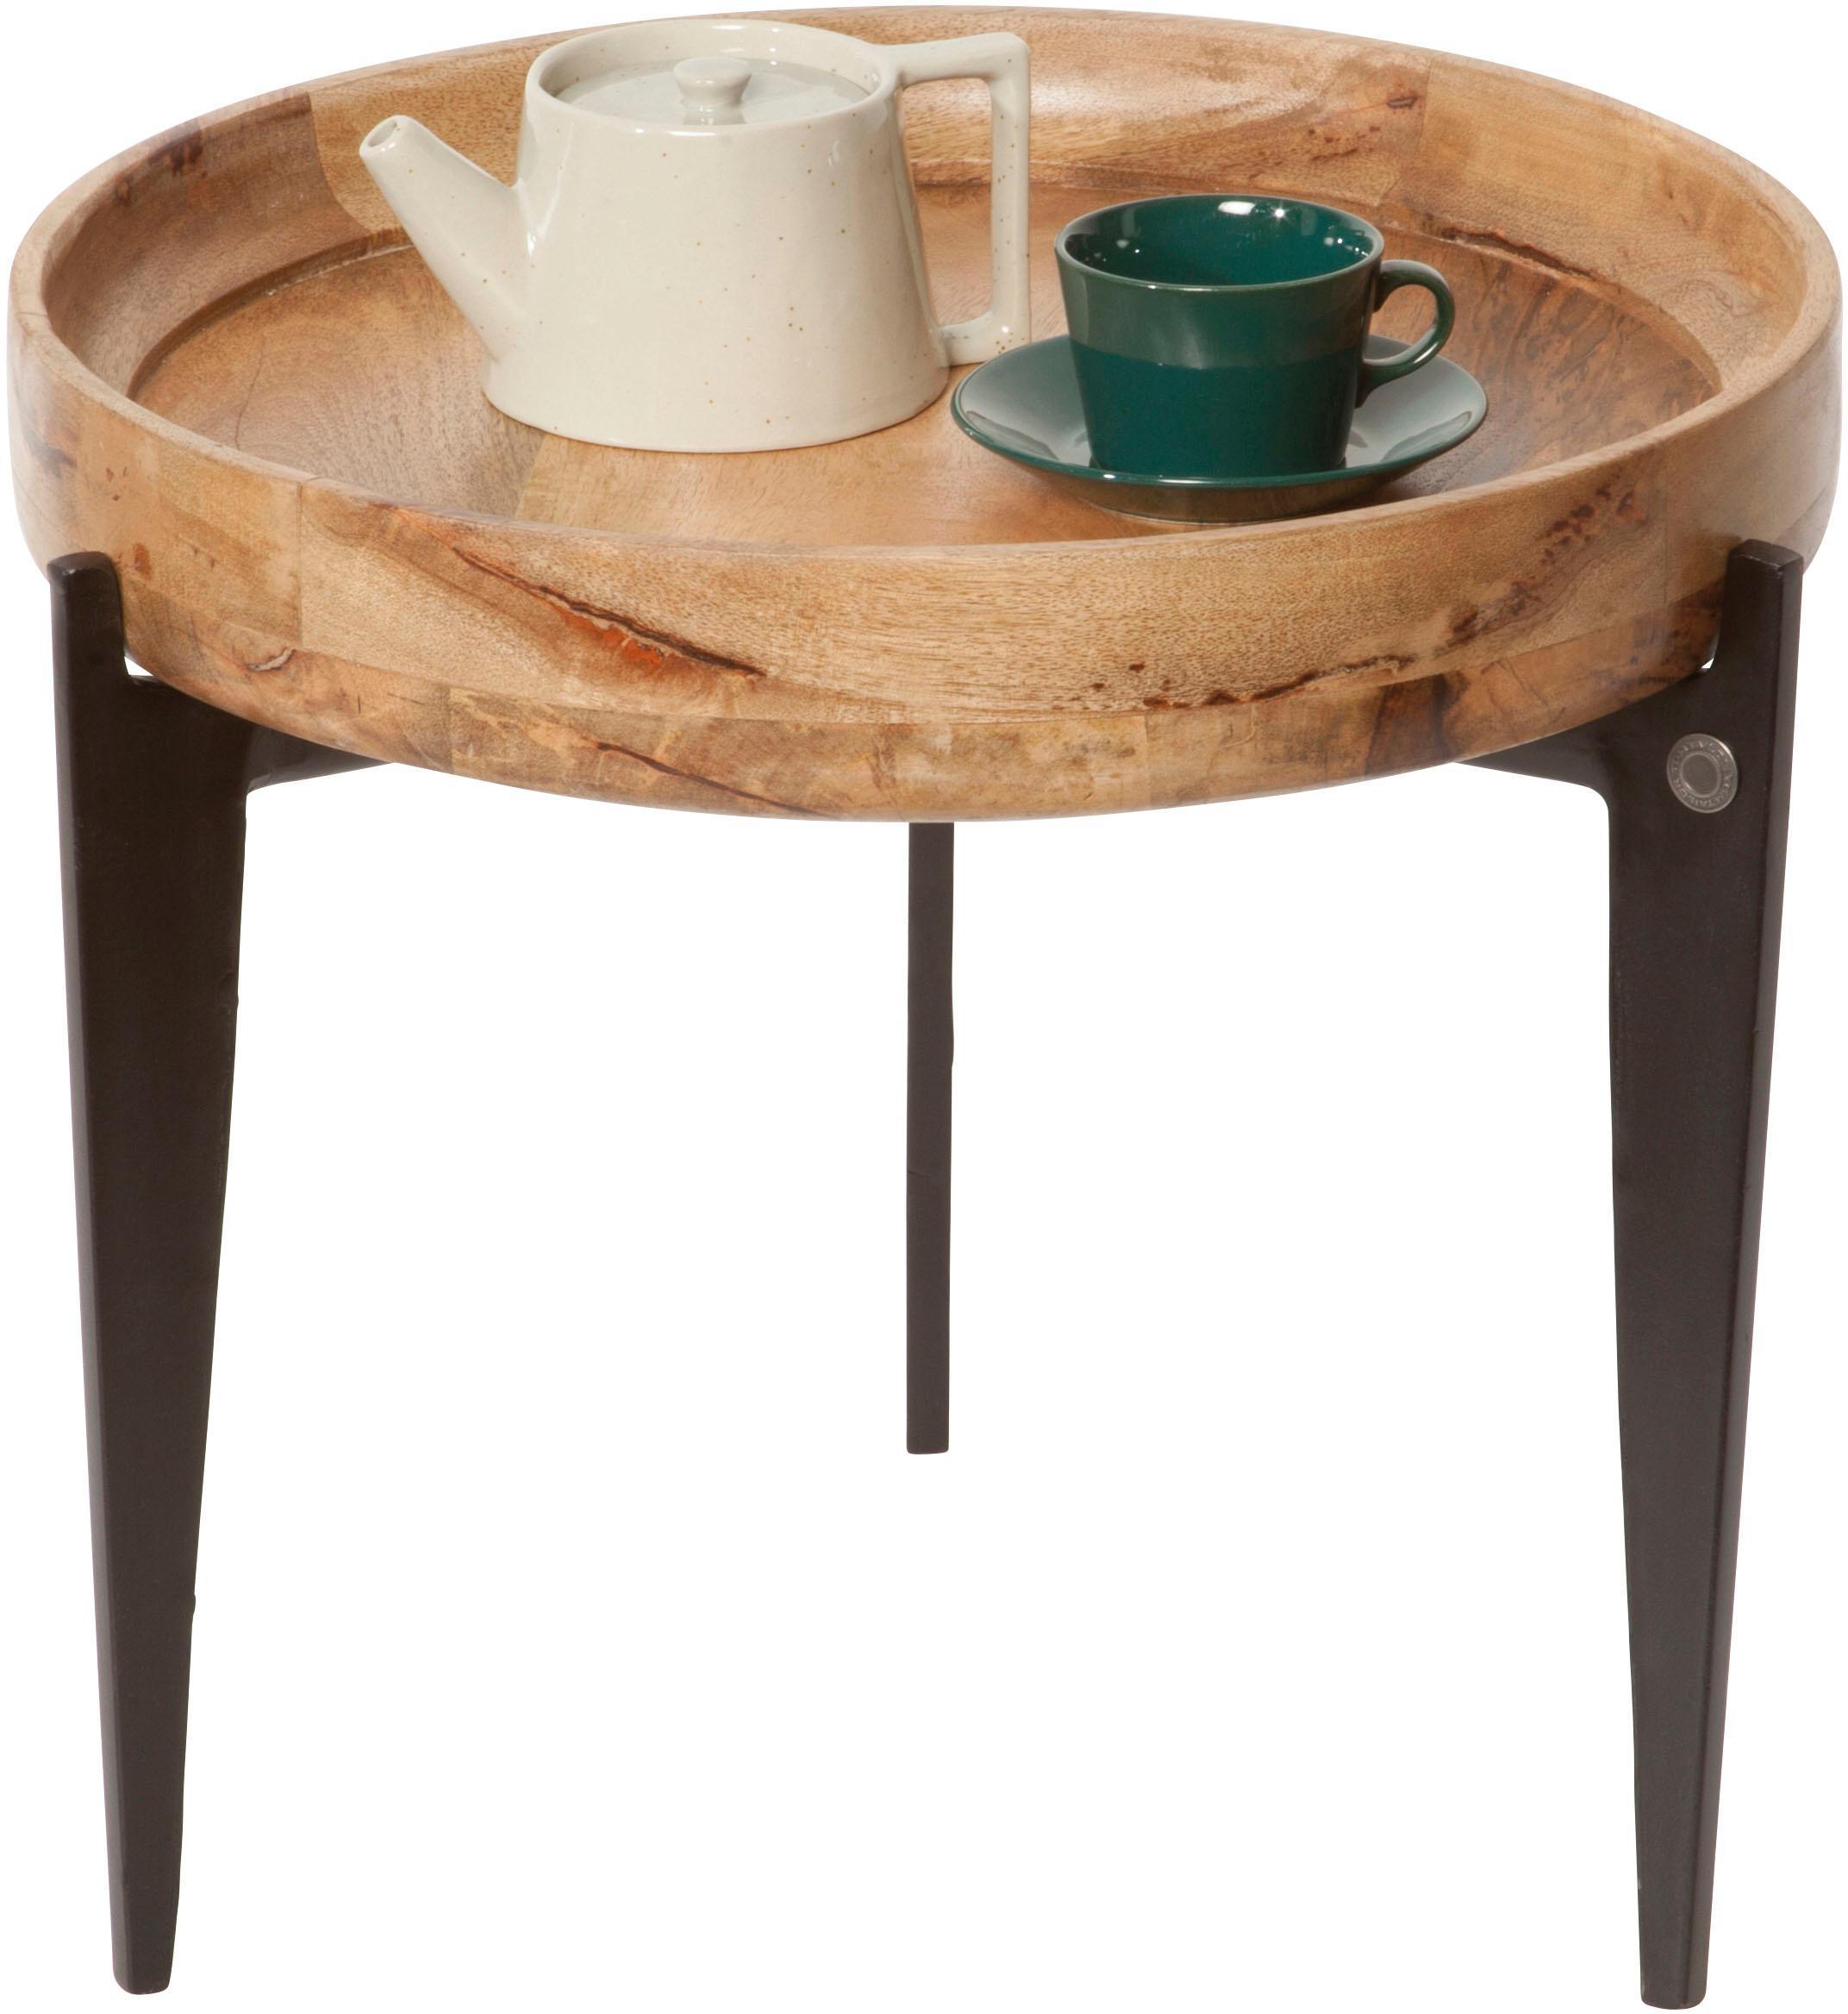 TOM TAILOR Beistelltisch T-TRAY TABLE SMALL, mit Tablett, rund, ø 46 cm orange Beistelltische Tische